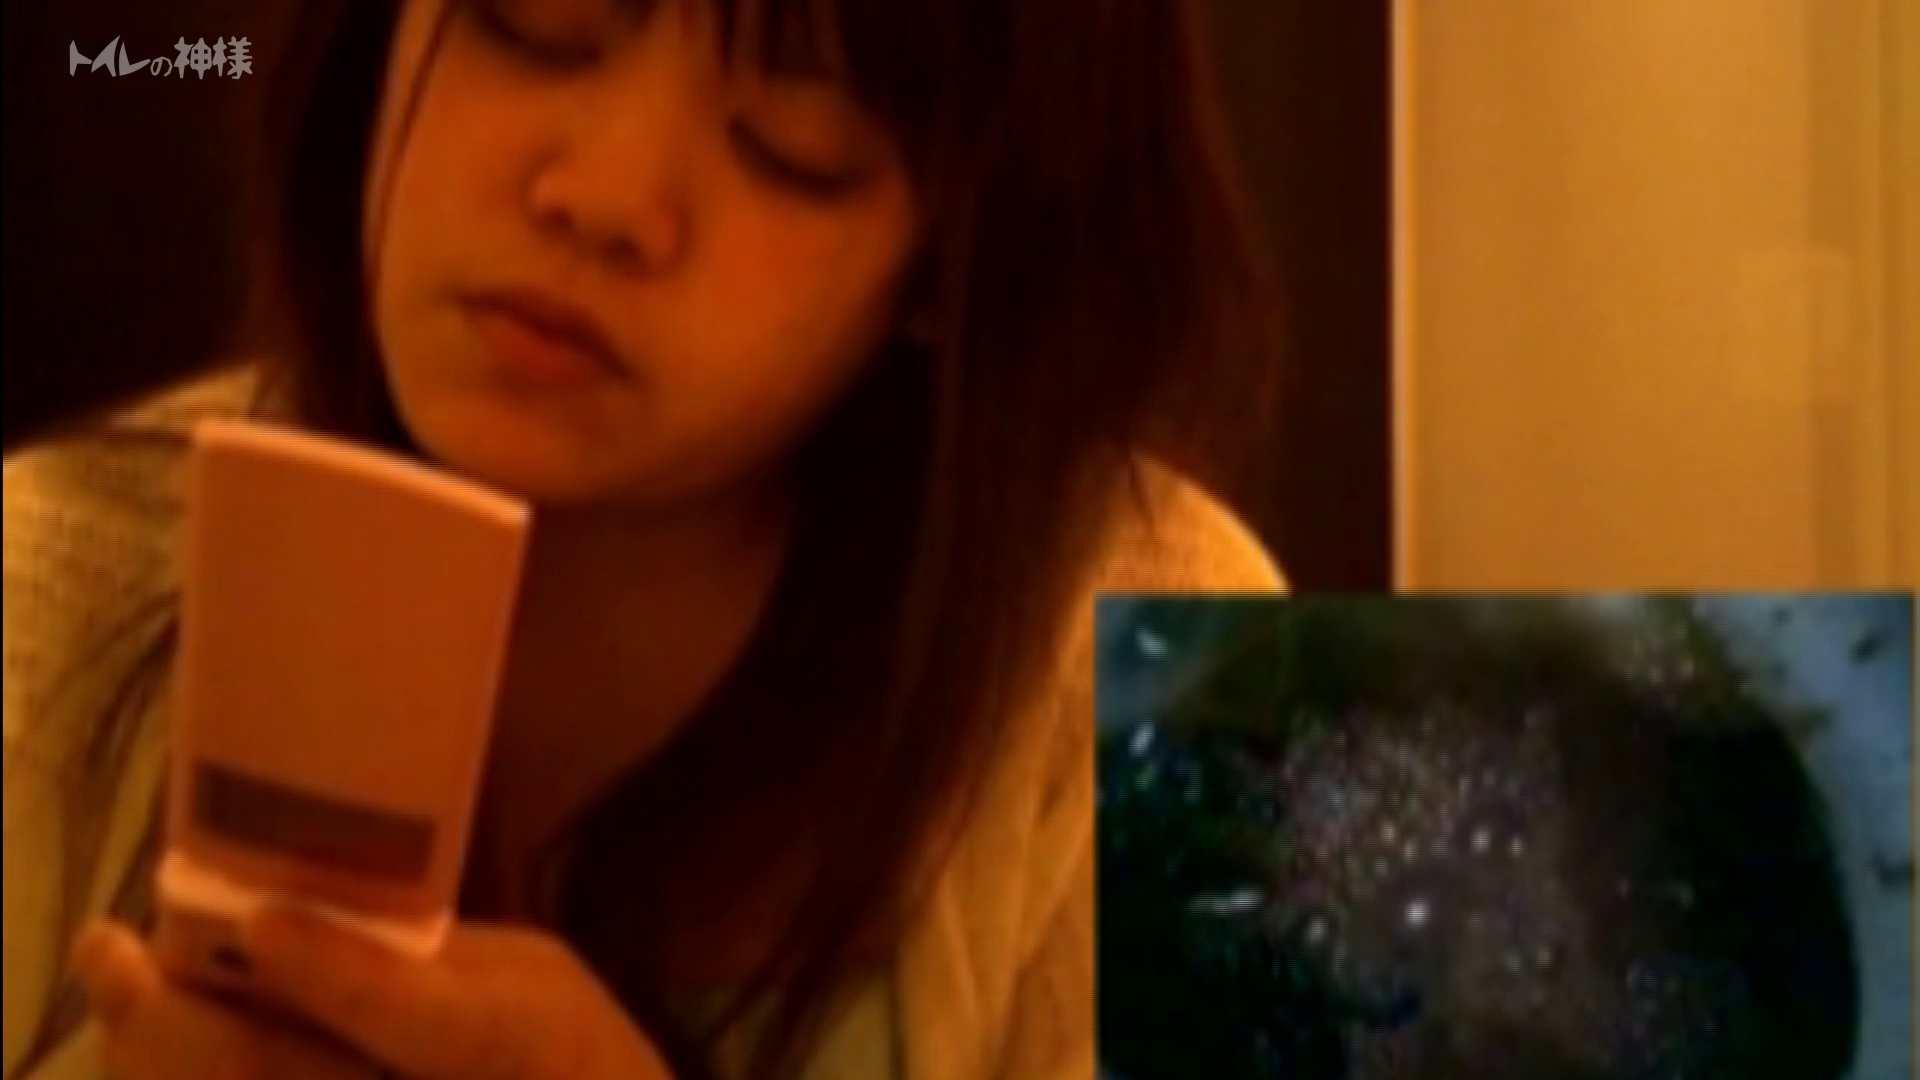 トイレの神様 Vol.03 彼女のうんち隠し撮り ギャル  70PIX 34